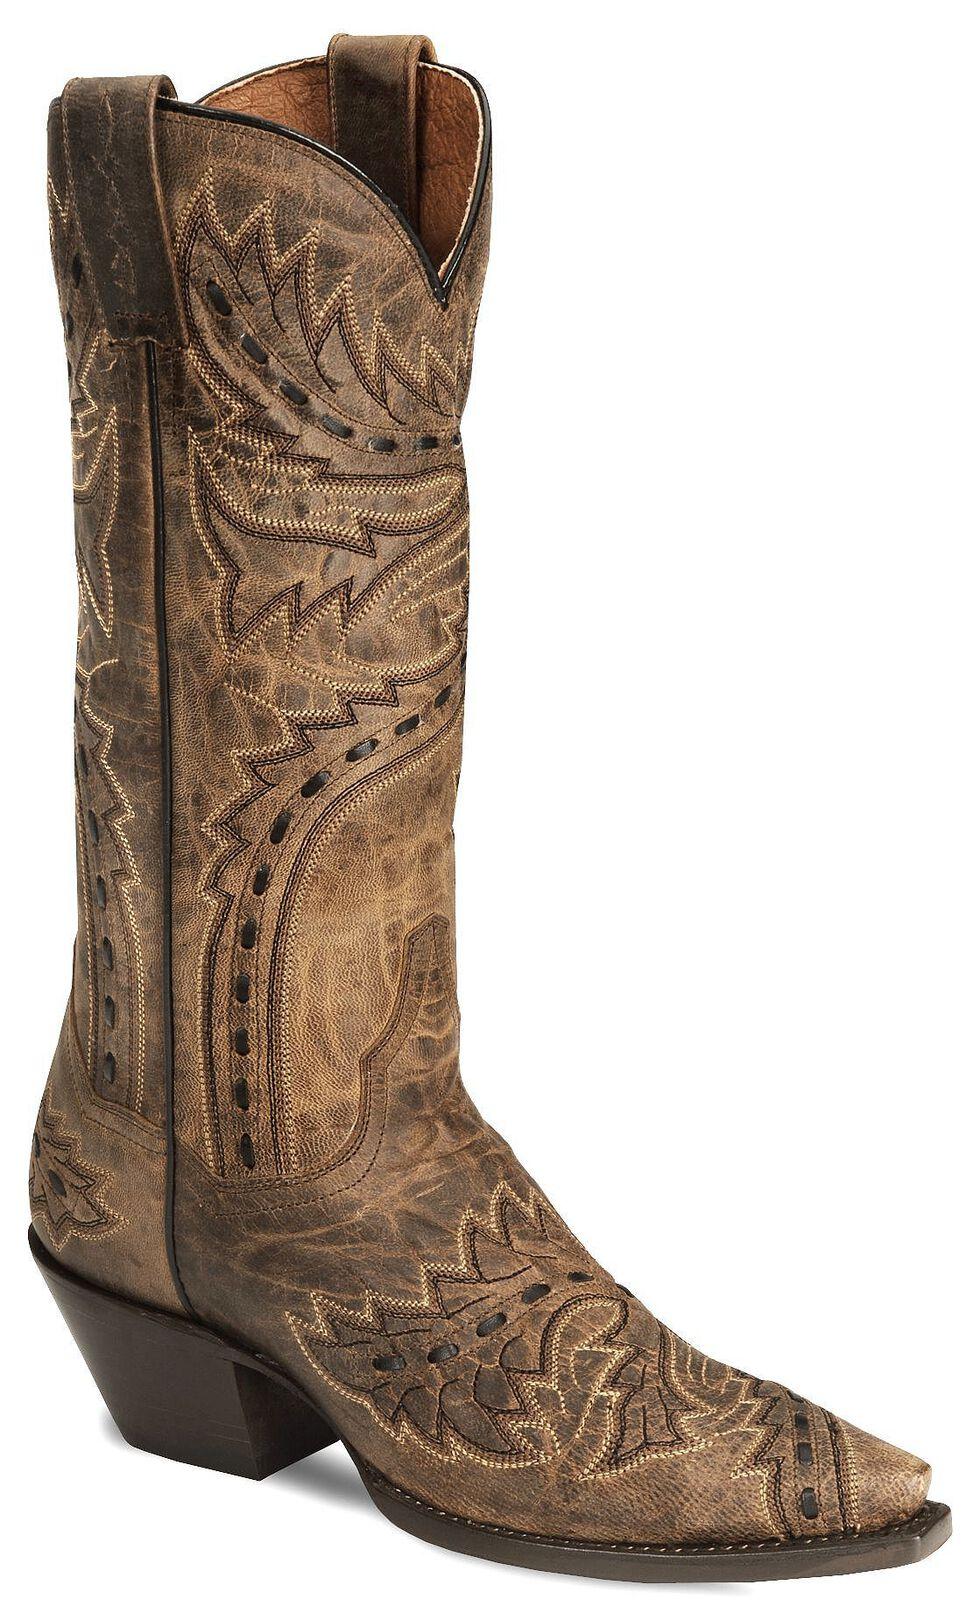 Dan Post Sidewinder Mad Cat Cowgirl Boot - Snip, Tan, hi-res